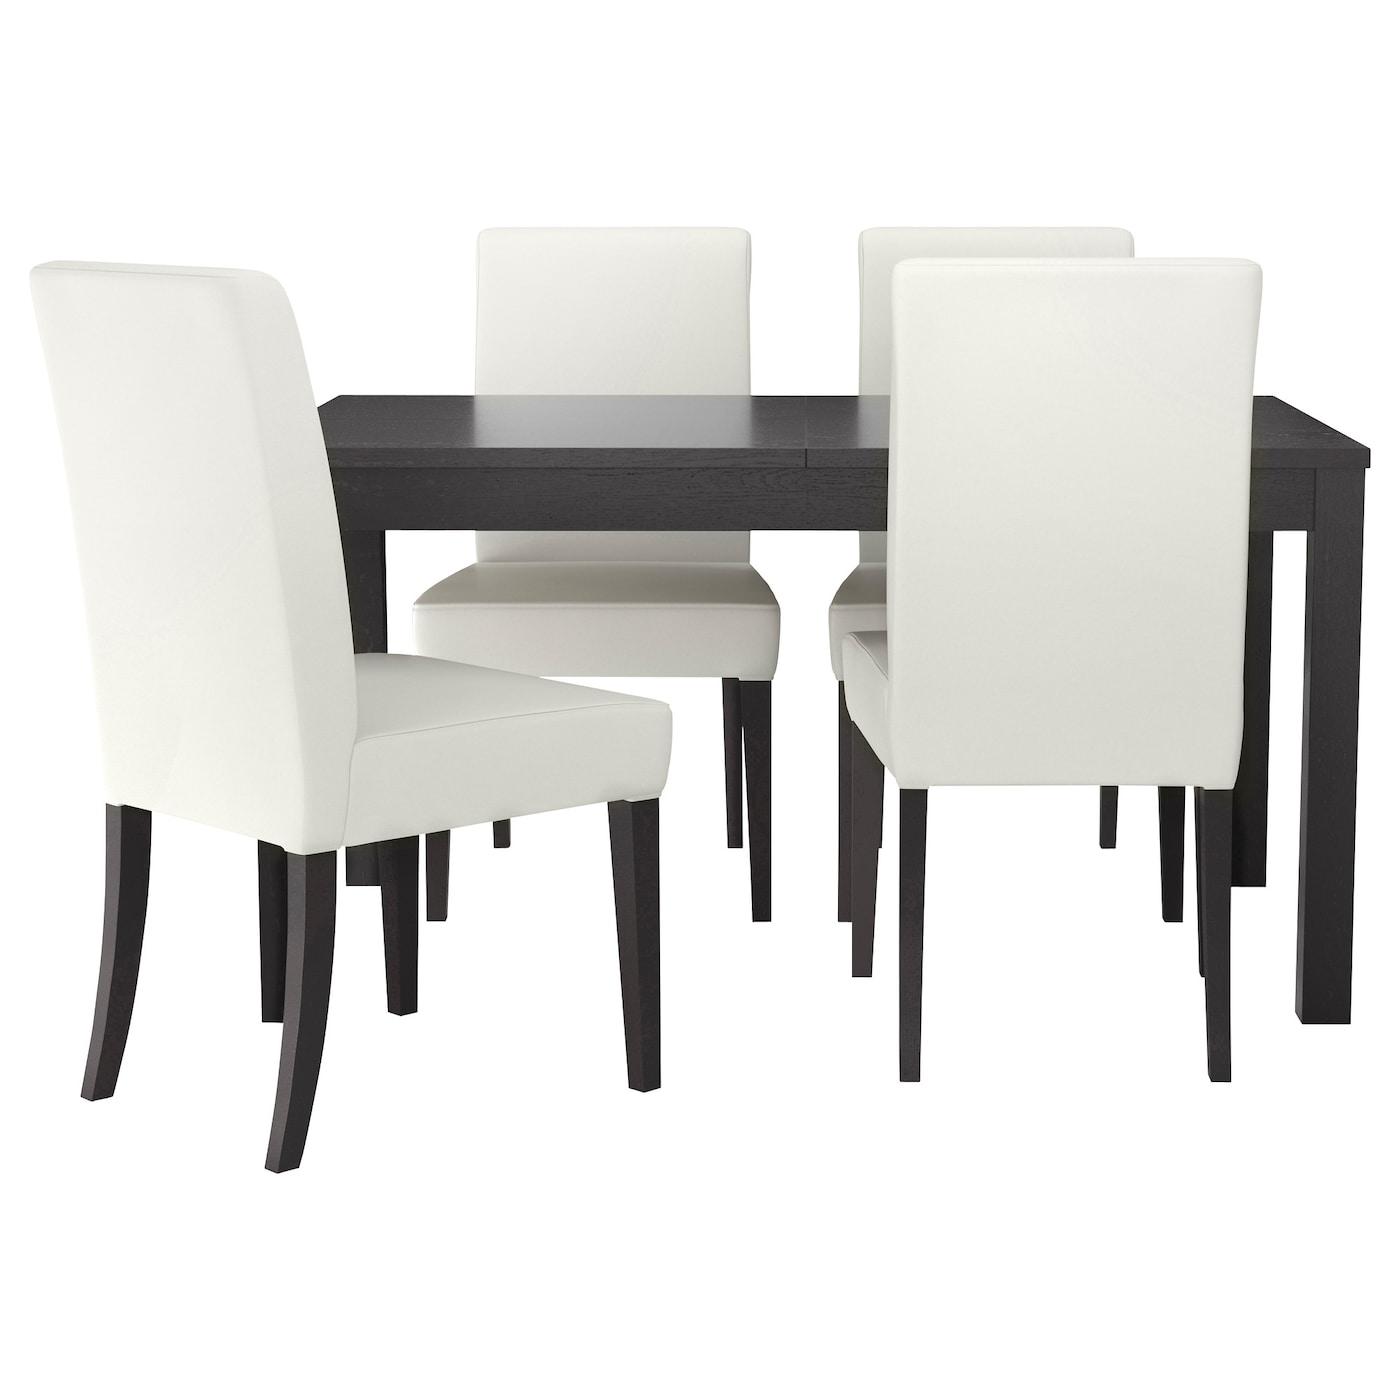 BJURSTA / HENRIKSDAL, Tisch und 4 Stühle, braunschwarz, weiß 791.976.78